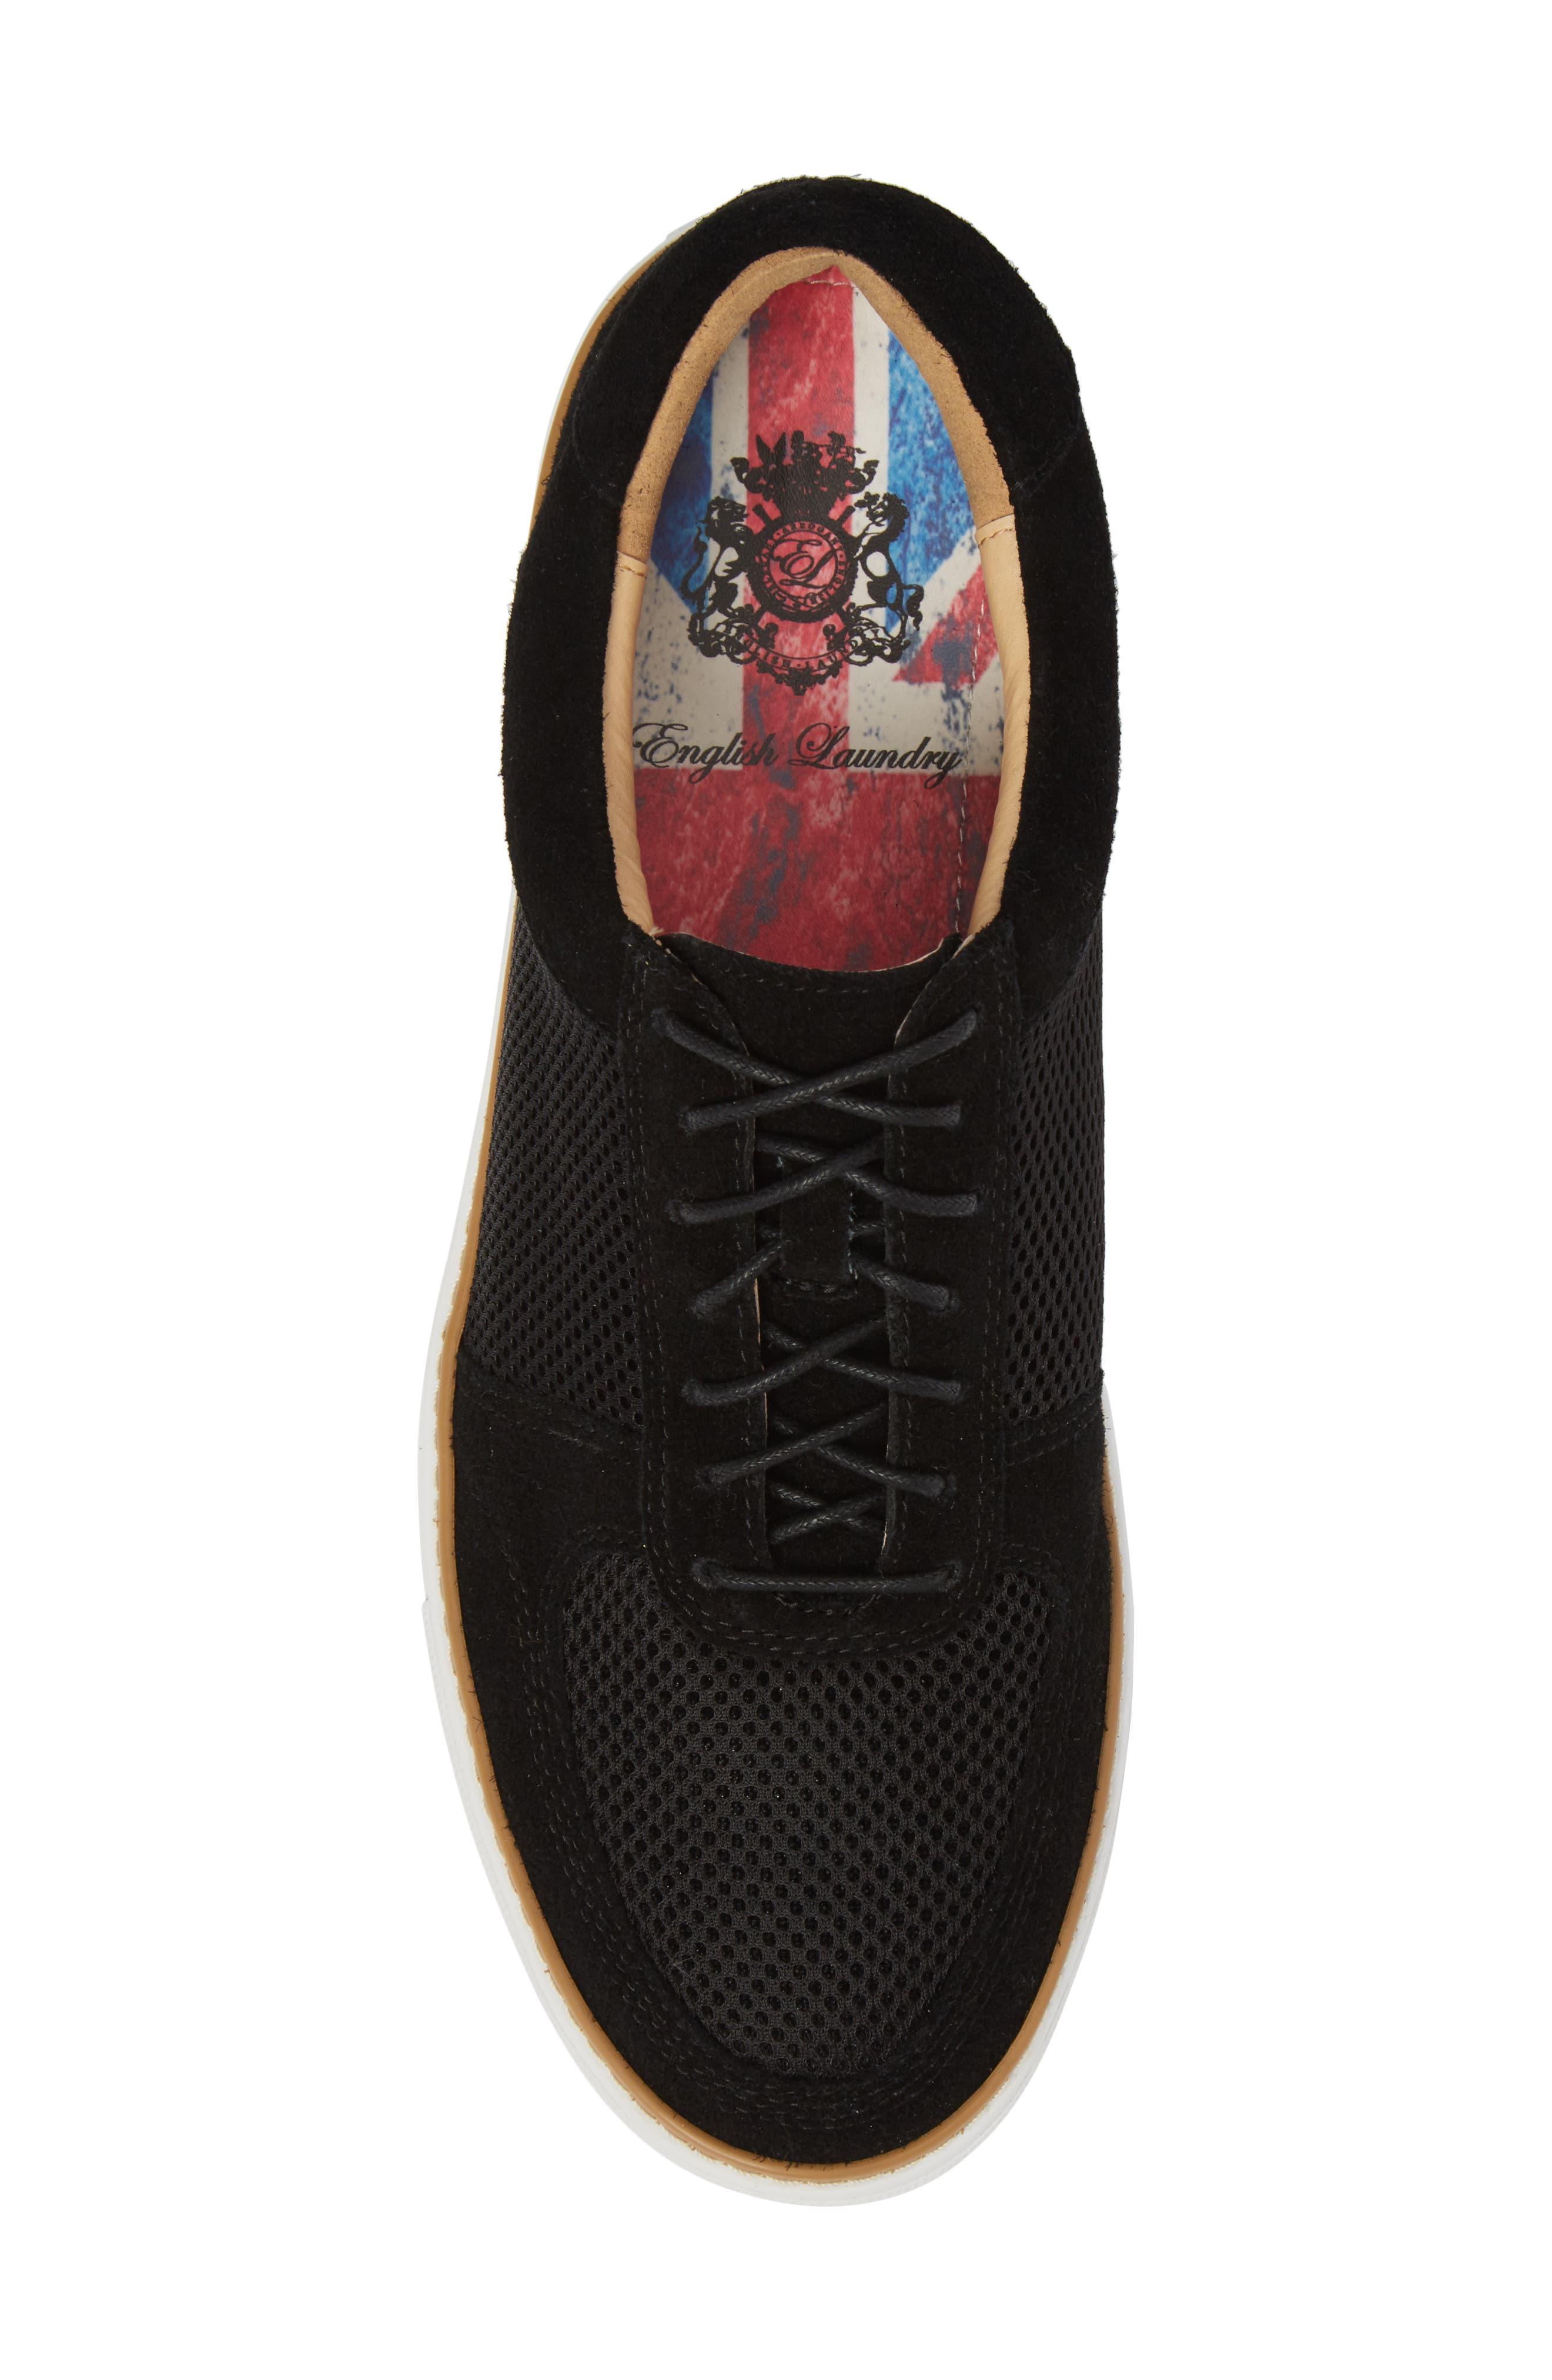 Landseer Mesh Sneaker,                             Alternate thumbnail 5, color,                             BLACK SUEDE/ MESH